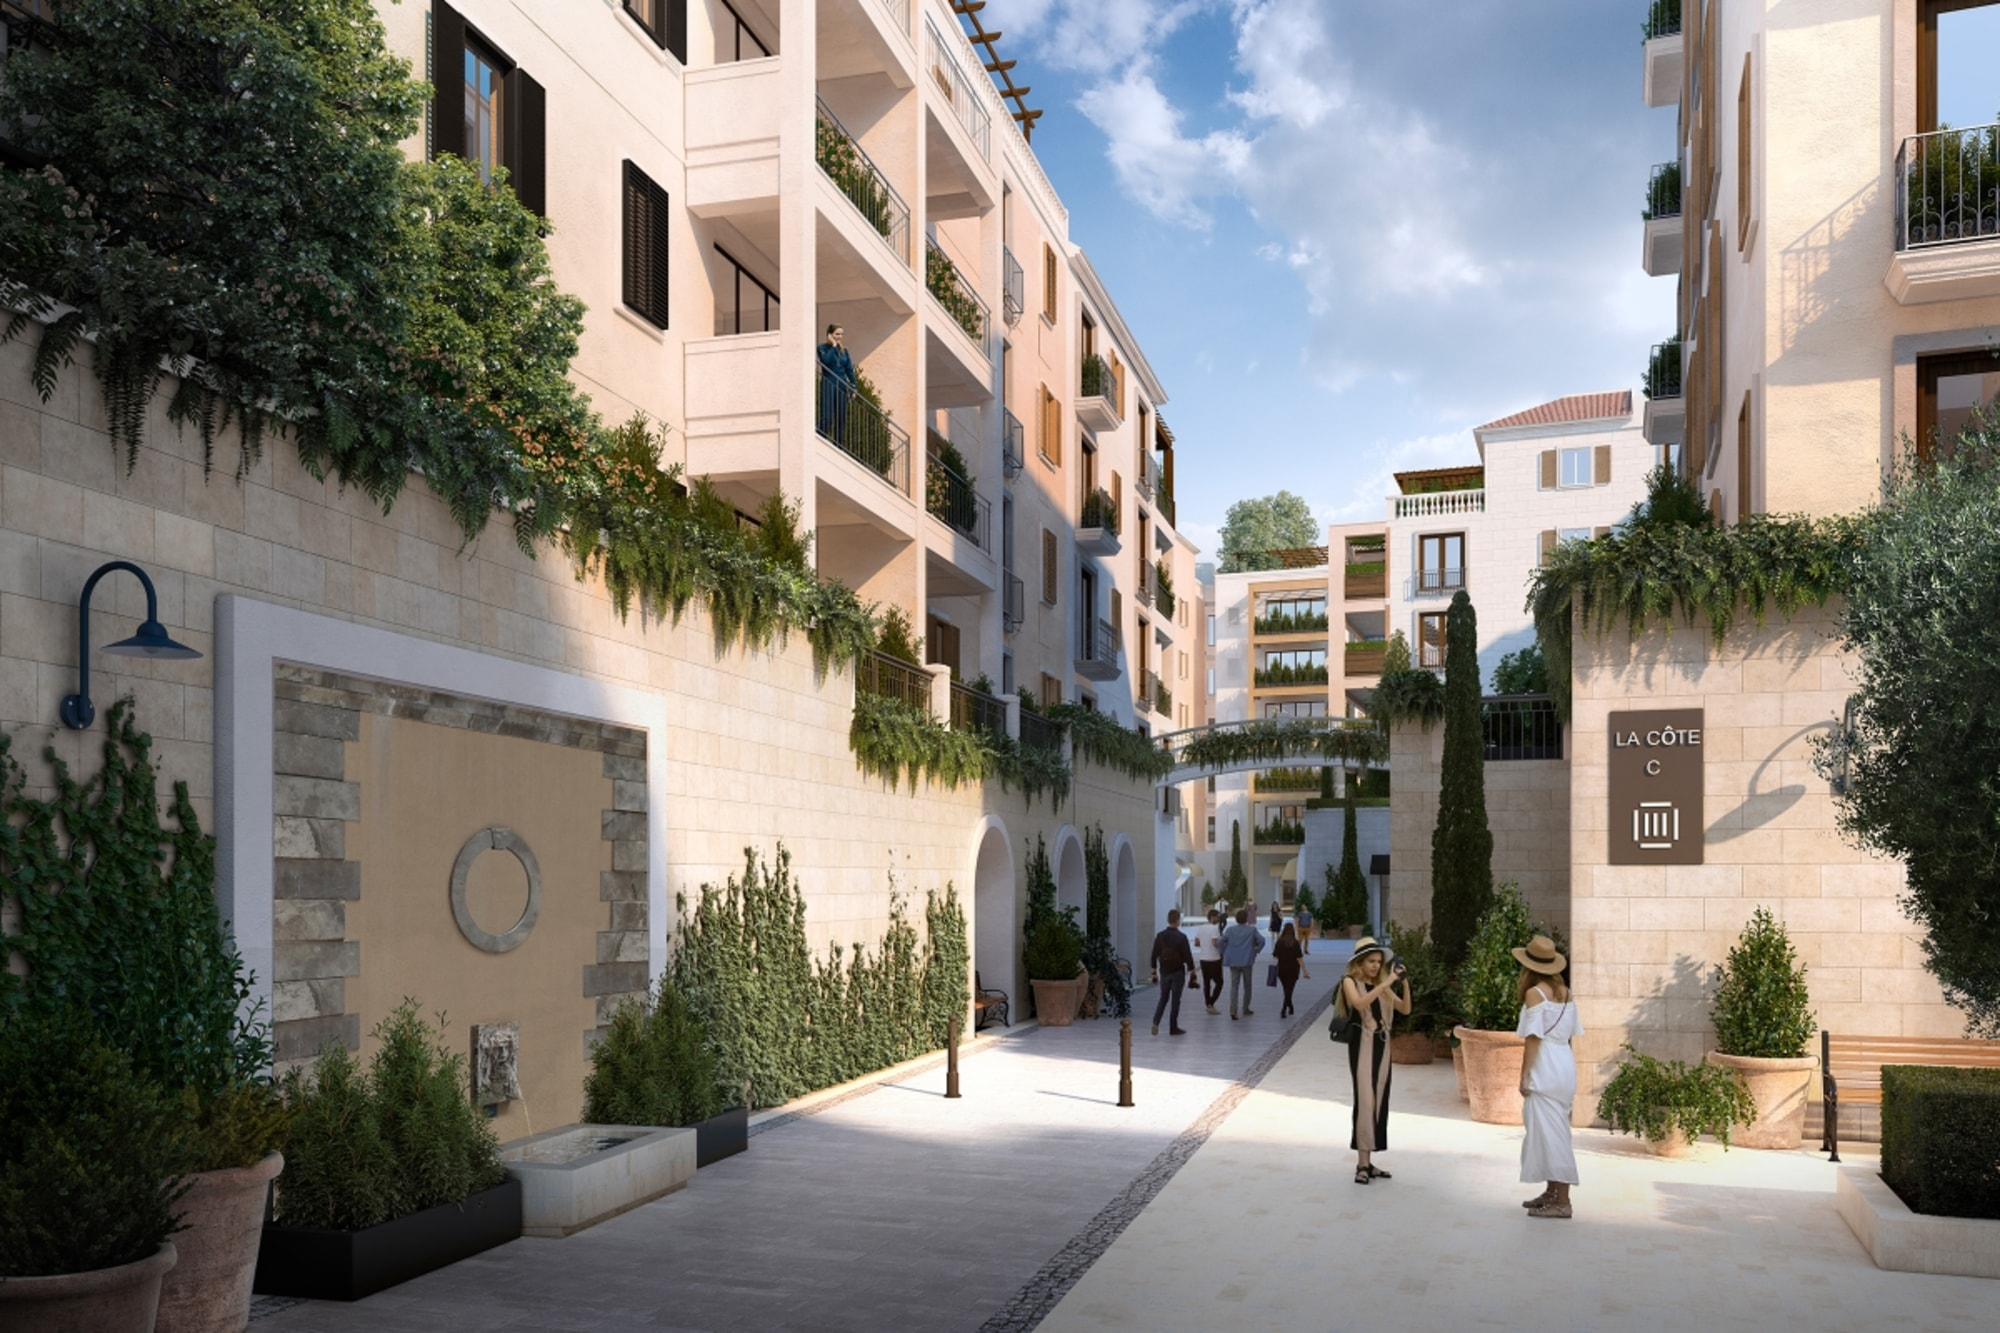 Waterfront Living |  La Cote  |  Dec 20